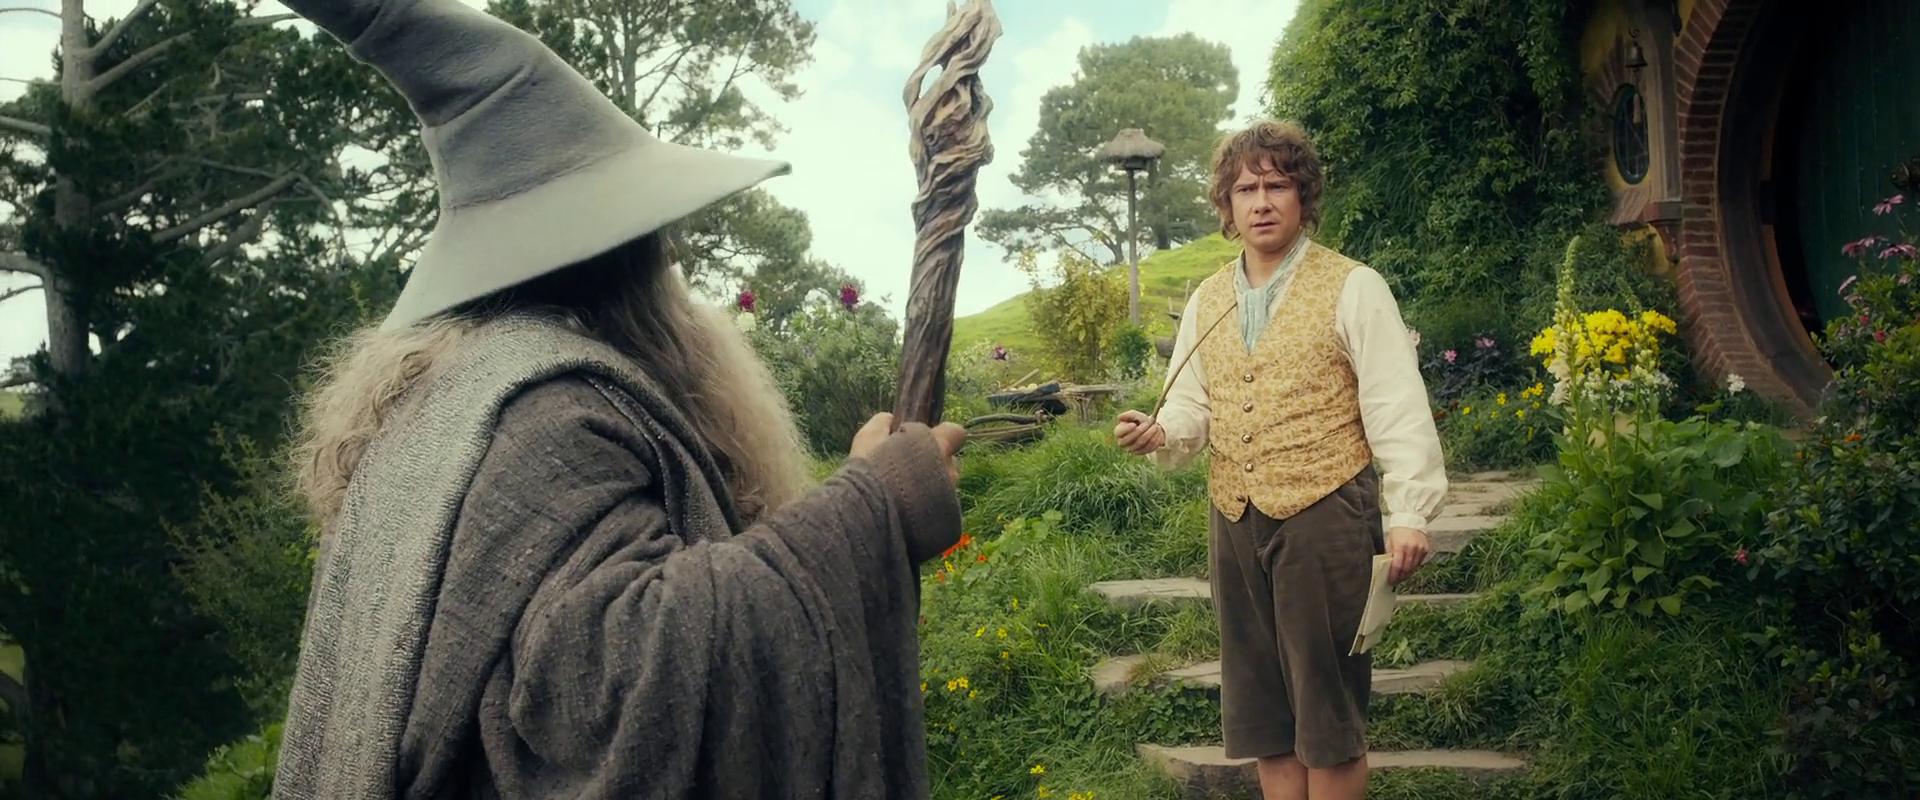 Dove sono stati girati film Lo Hobbit